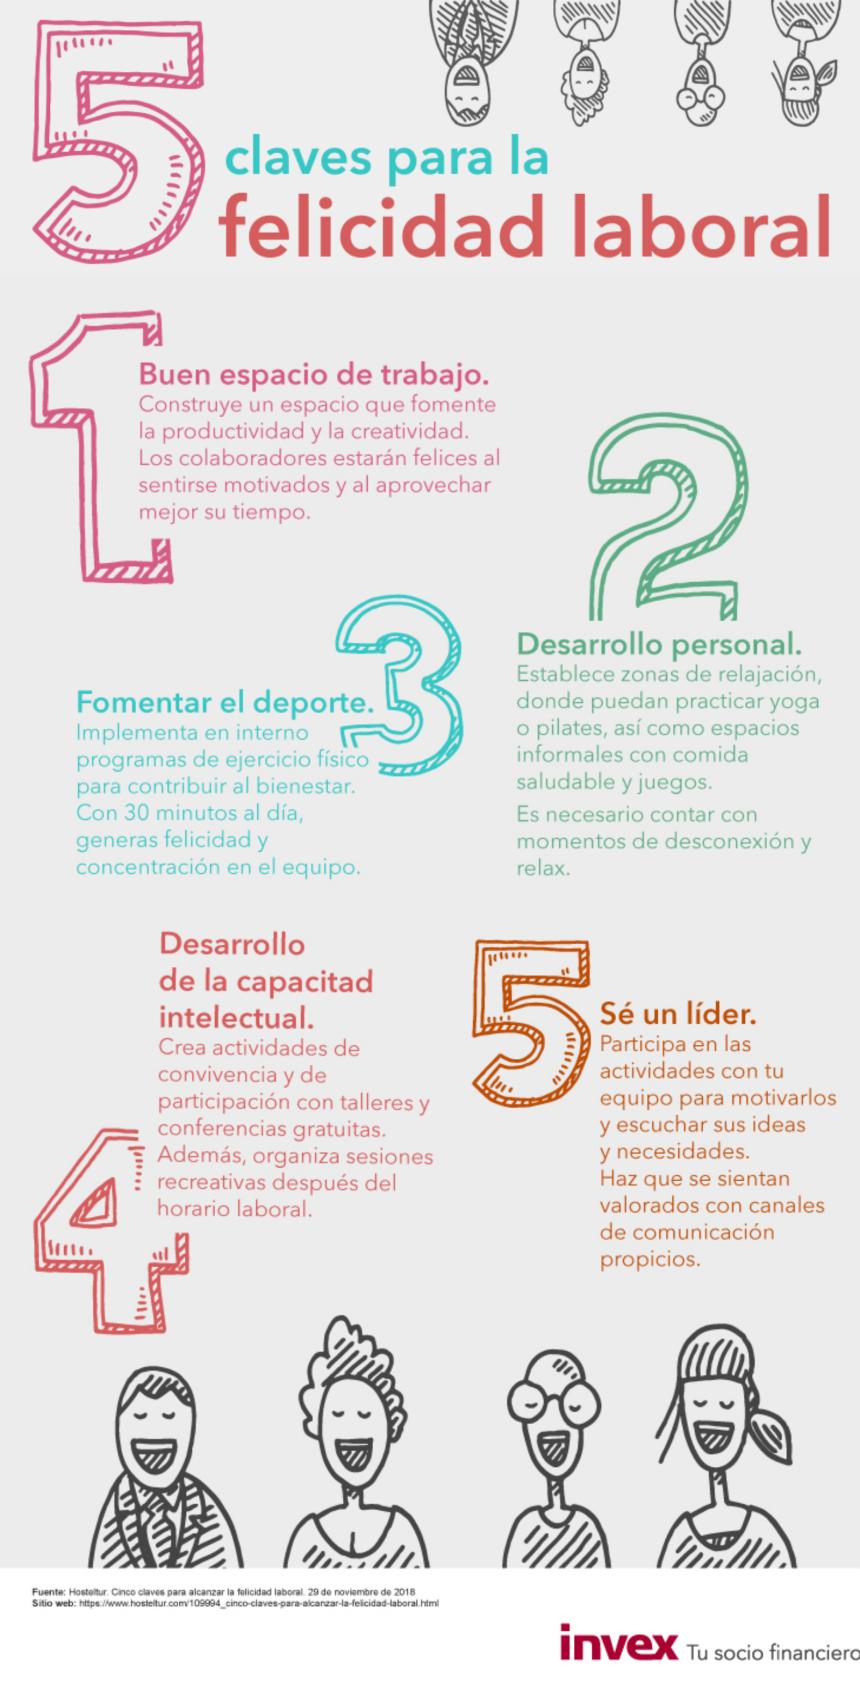 5 claves para la felicidad laboral